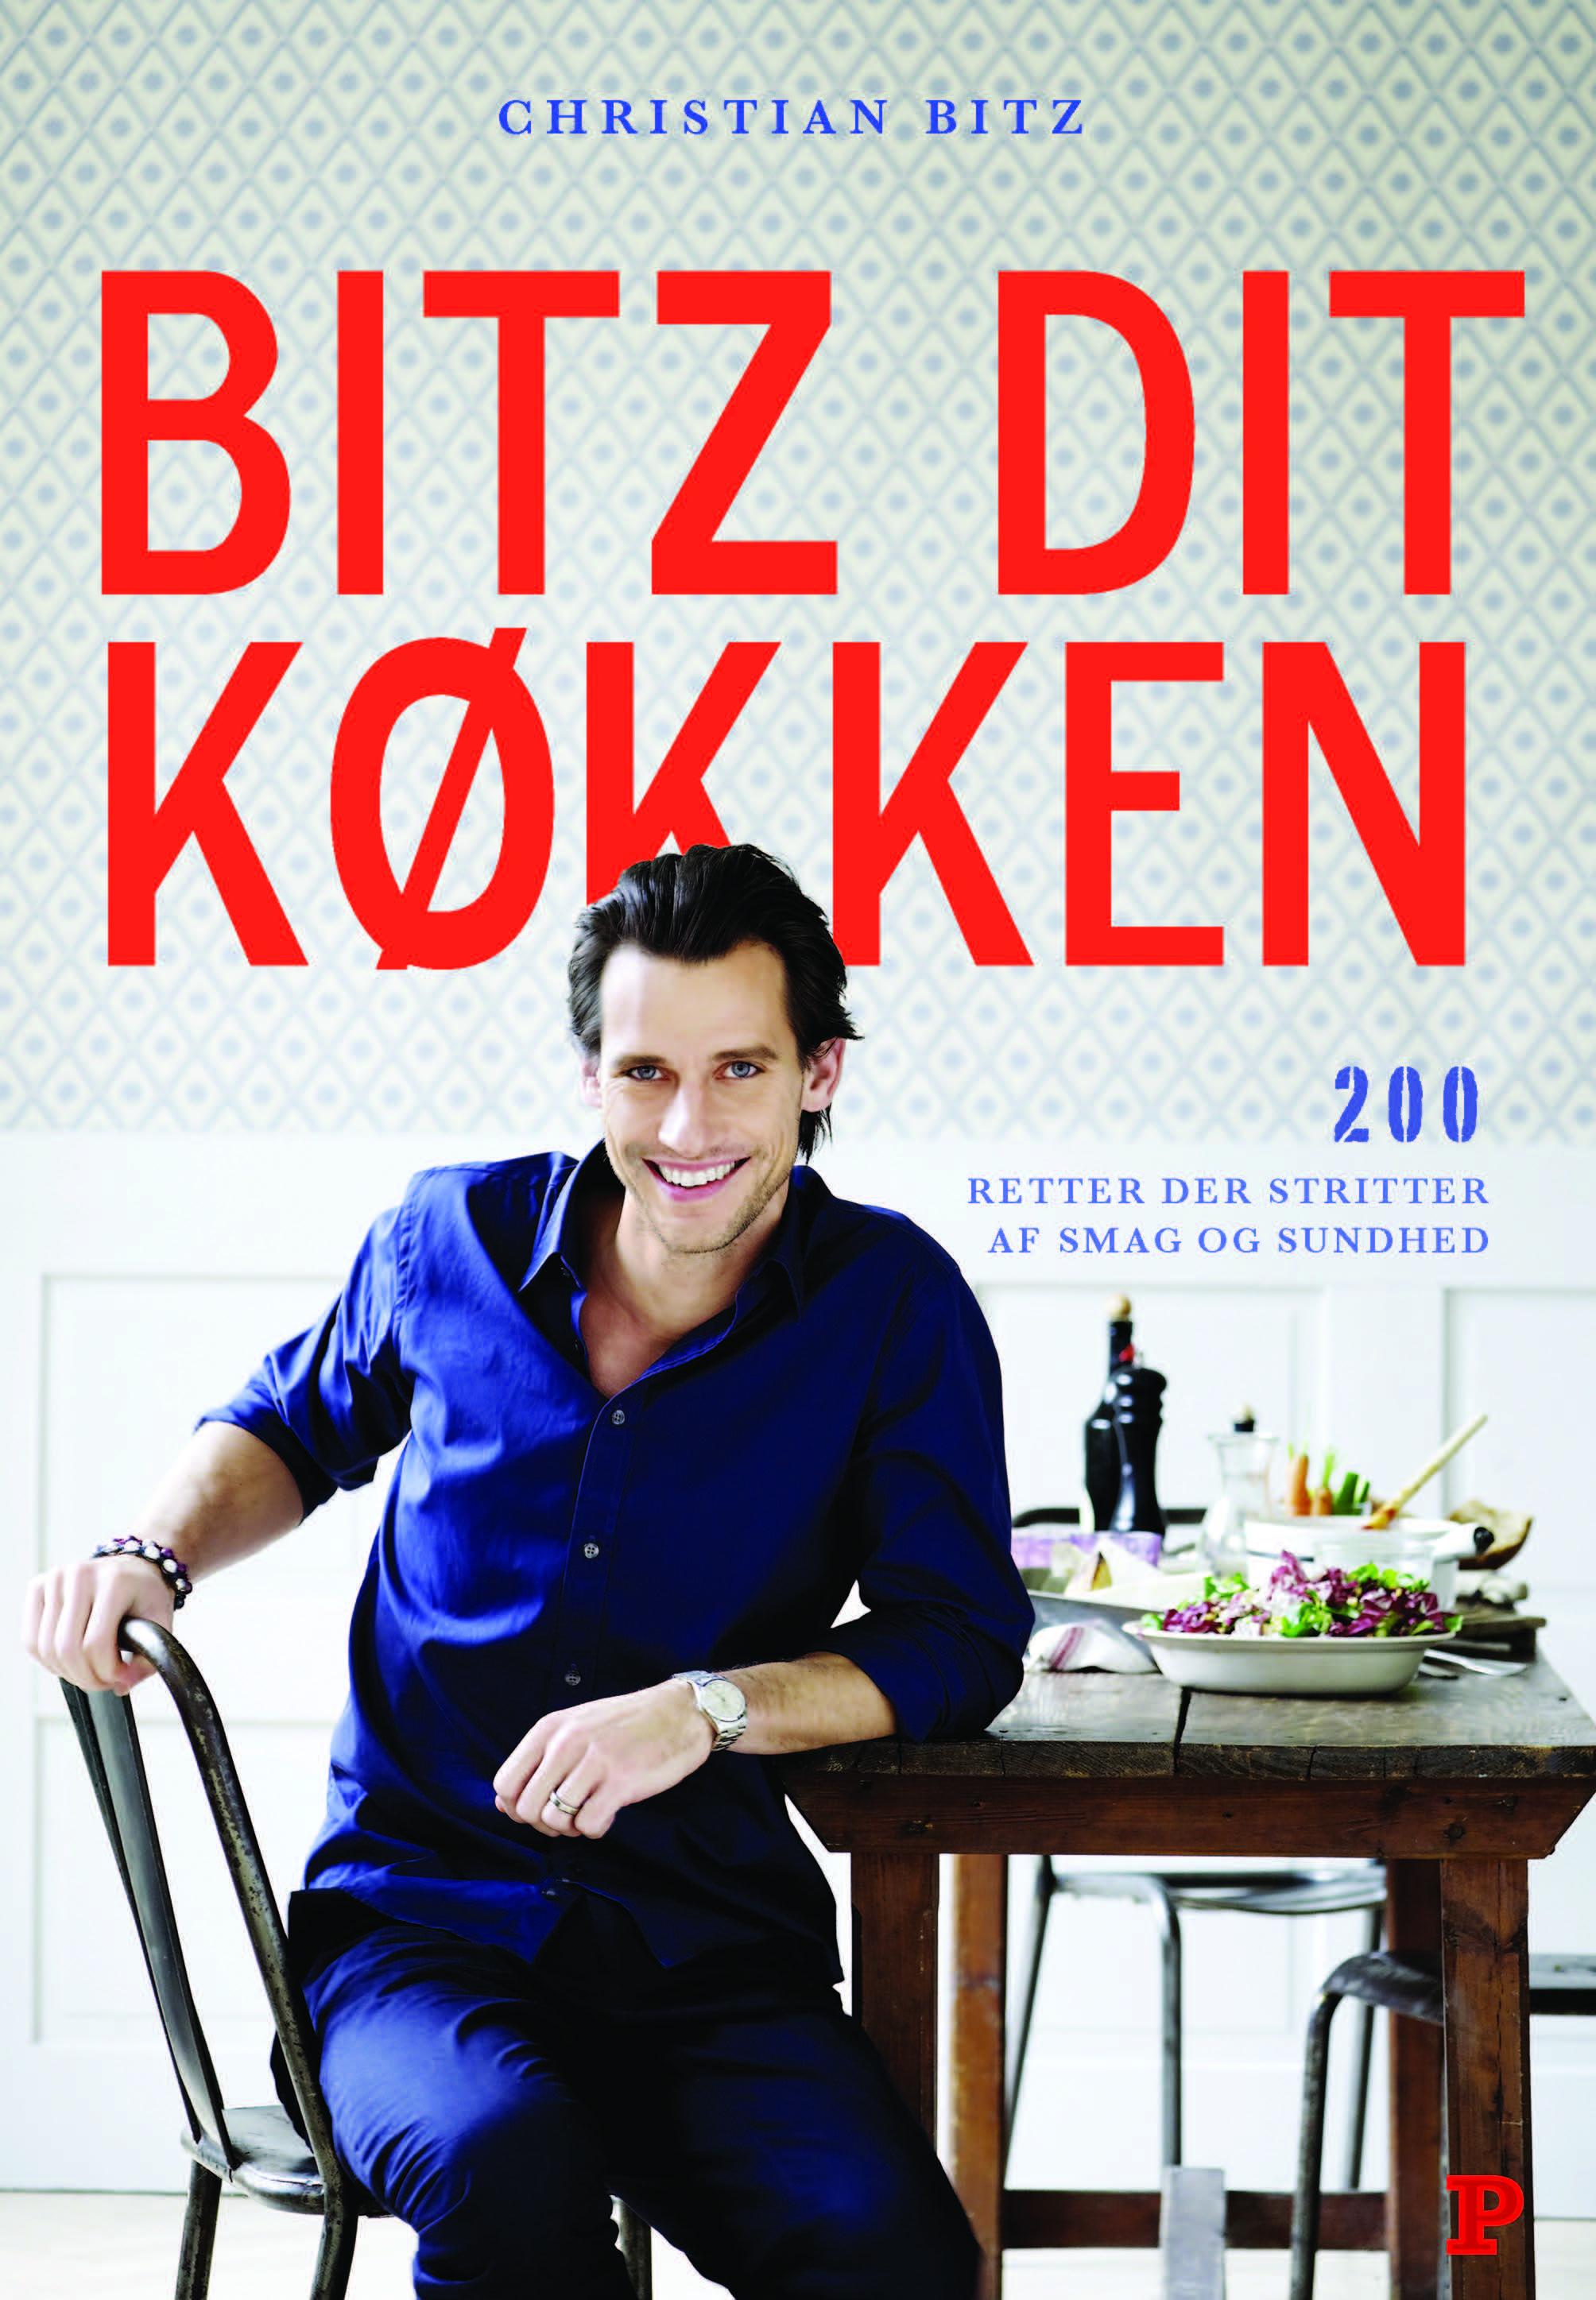 N/A – Bitz dit køkken - e-bog på bog & mystik